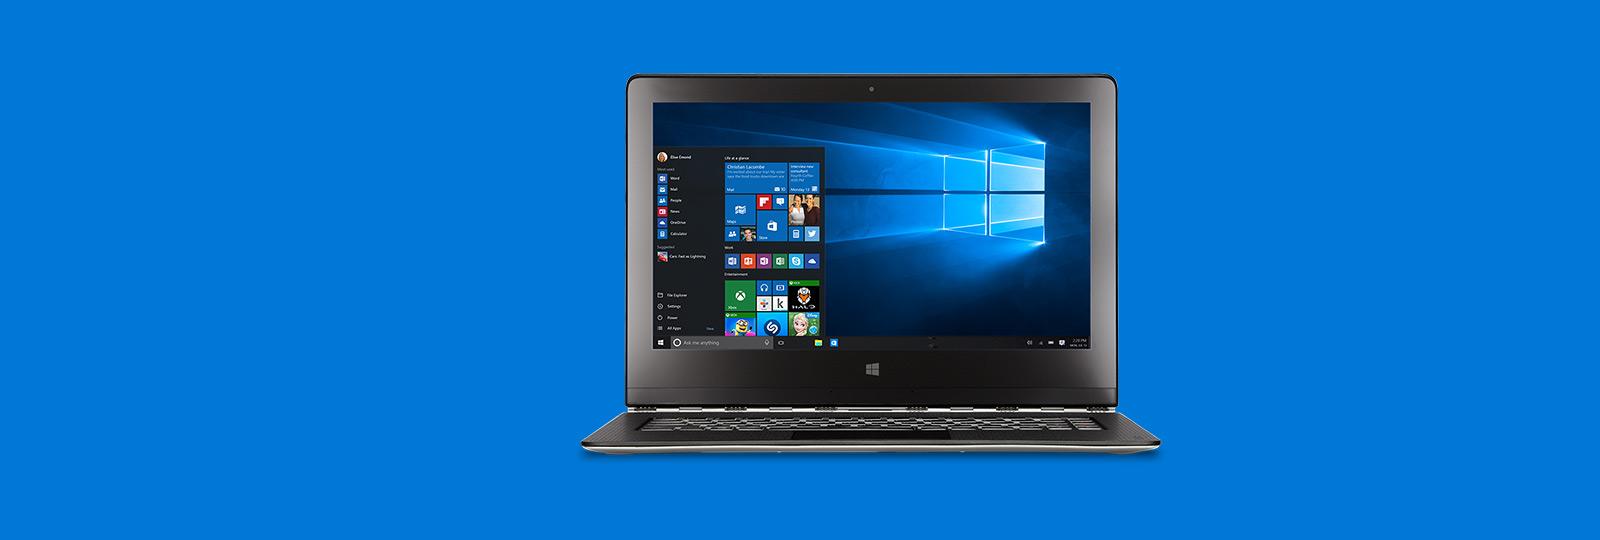 La mejor versión de Windows hasta la fecha. Actualiza gratis.*